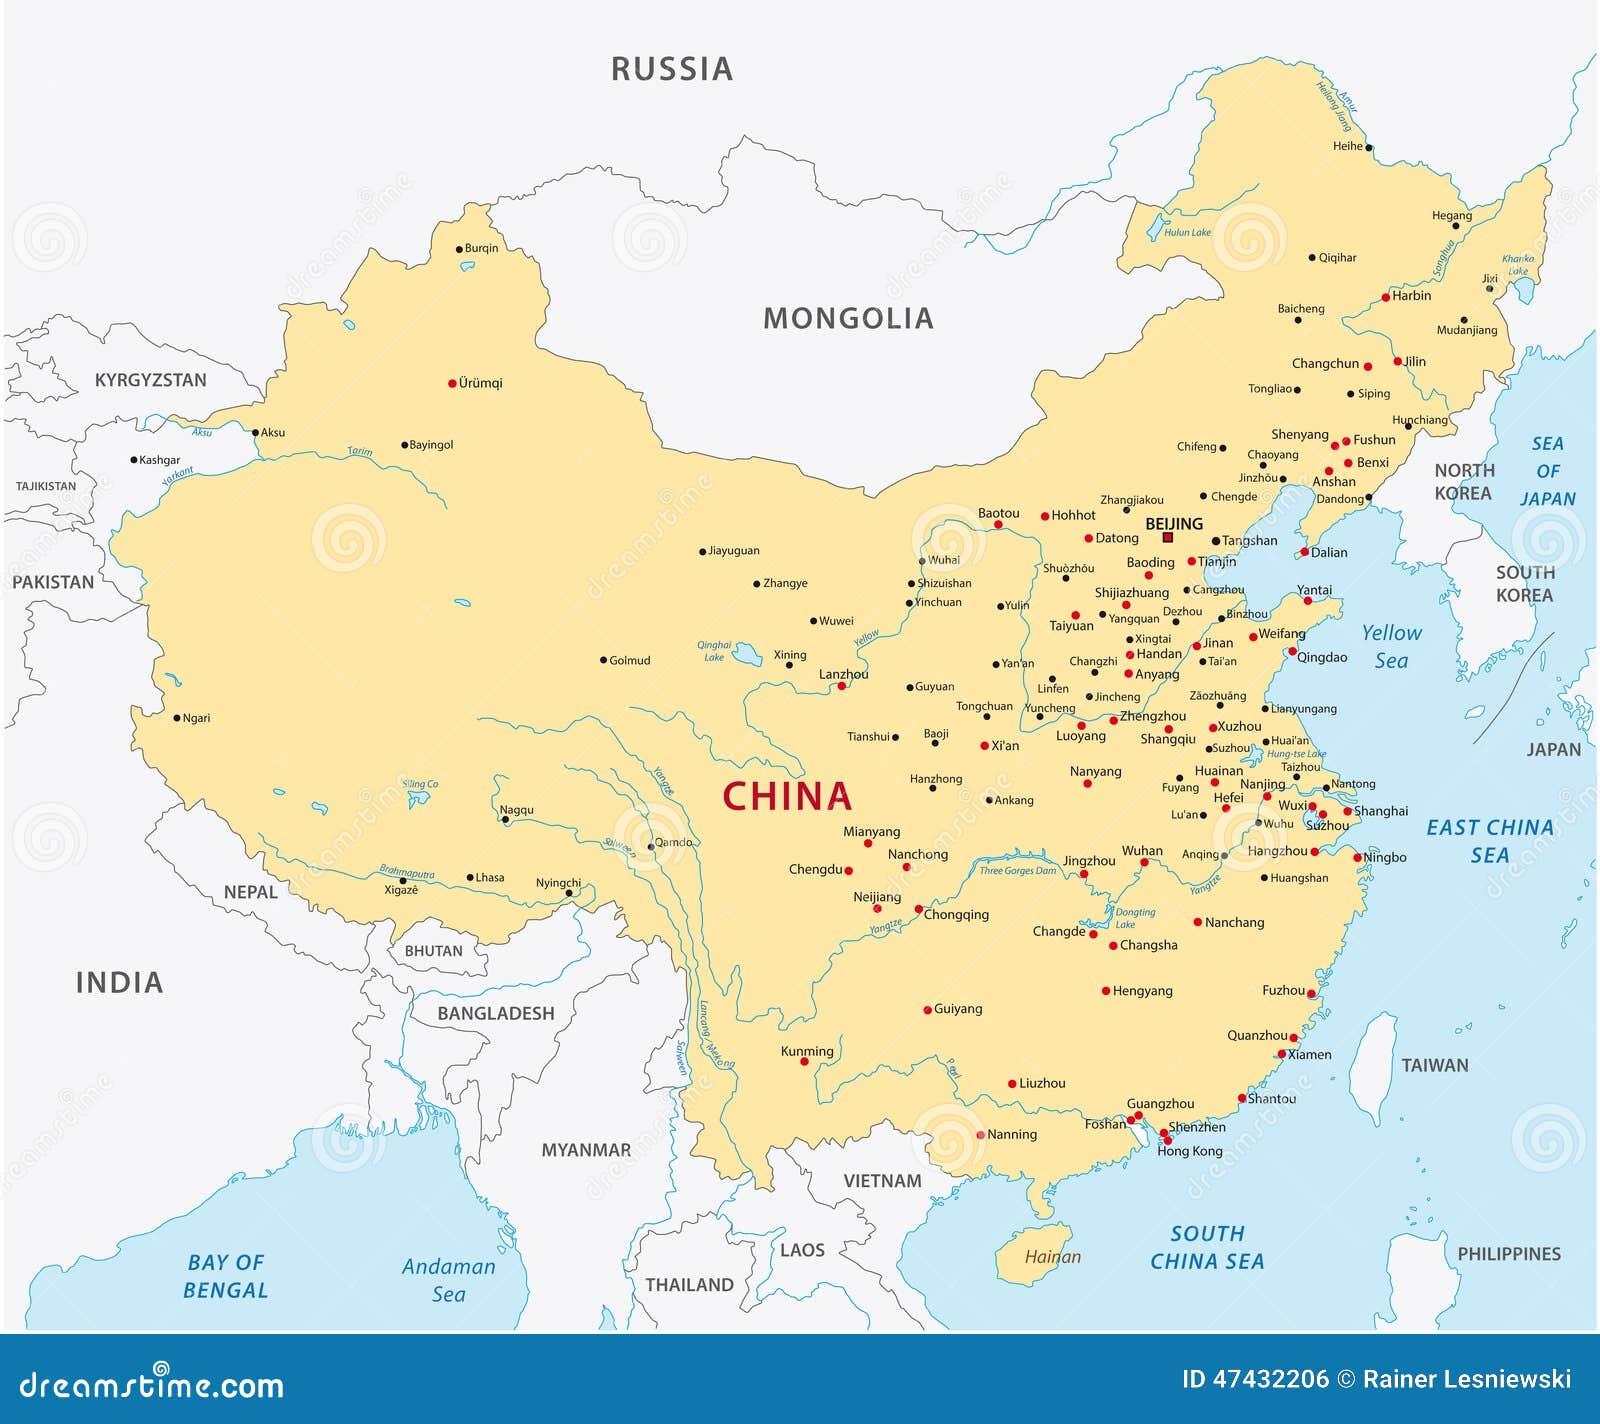 Hpeirwtikos Xarths Ths Kinas Politikos Dianysmatikh Apeikonish